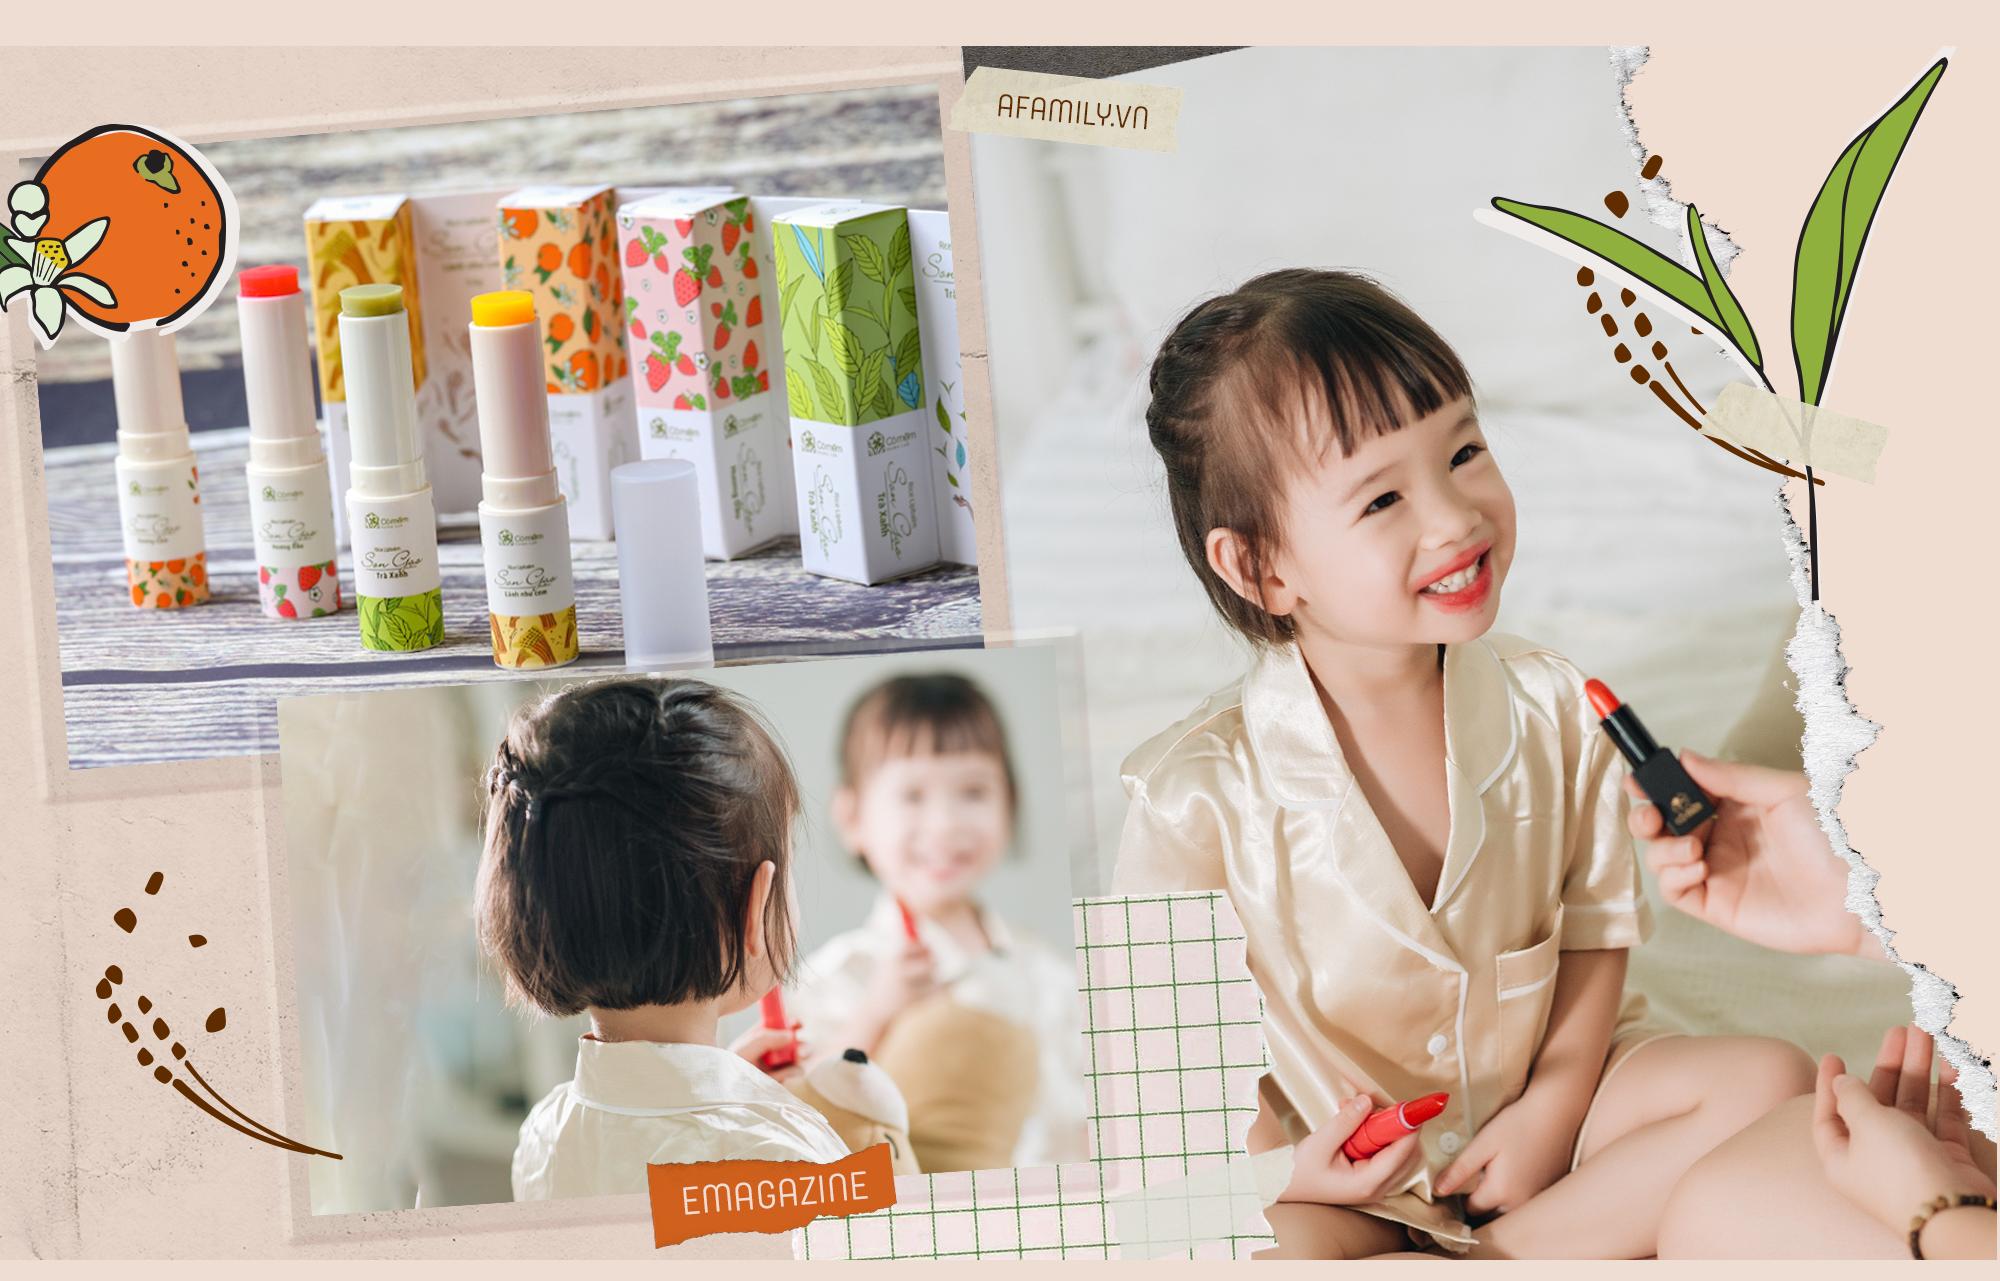 Chẳng gì mãnh liệt và bền bỉ bền bằng tình mẹ dành cho con, chẳng nguyên liệu nào an và lành như hạt gạo Việt Nam - Ảnh 14.